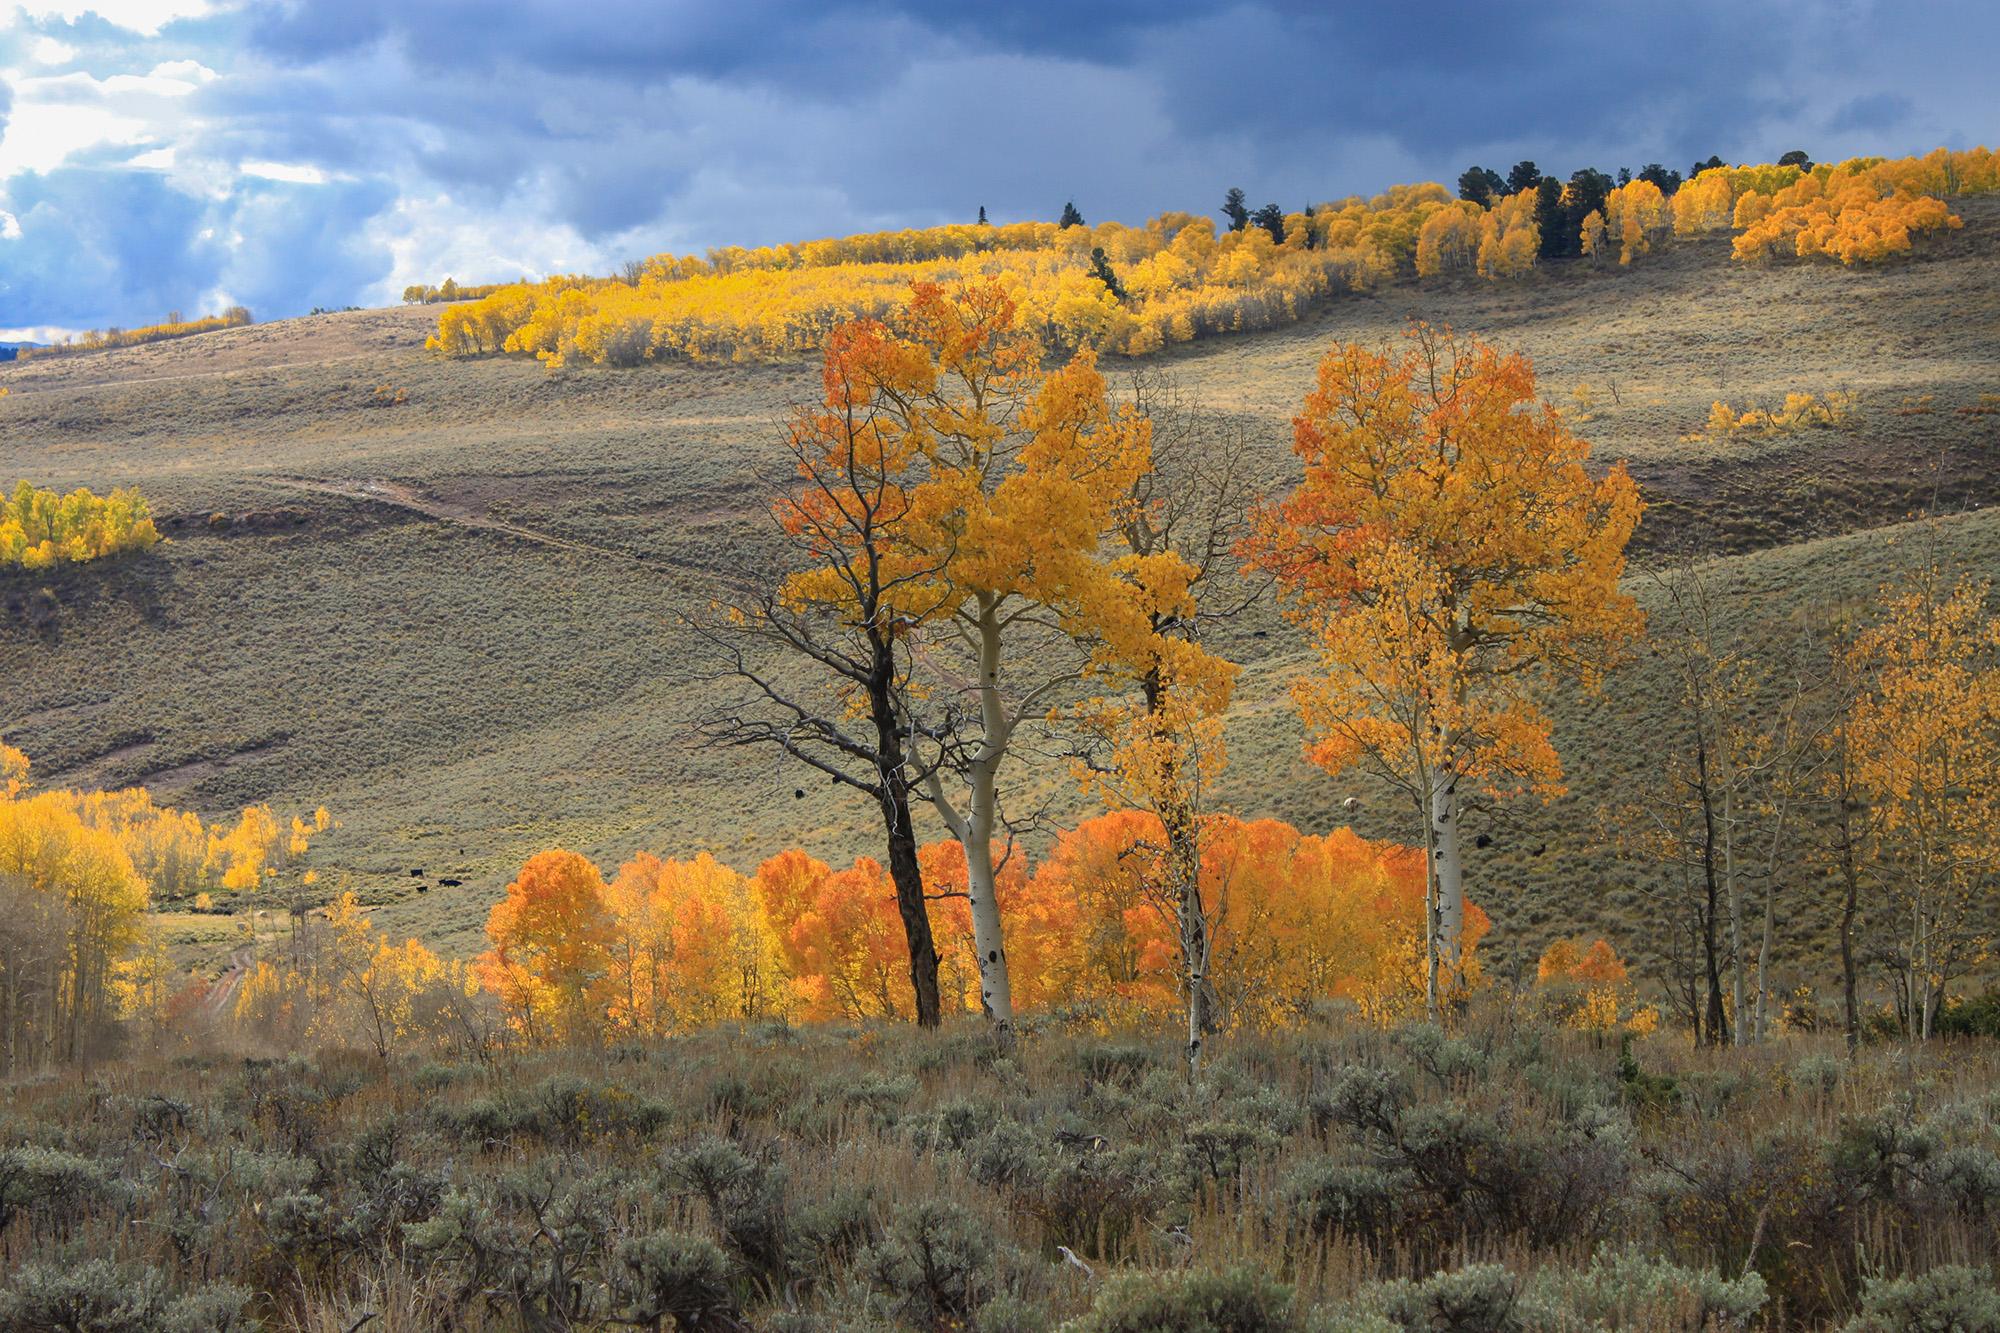 Fall hunting season in Colorado